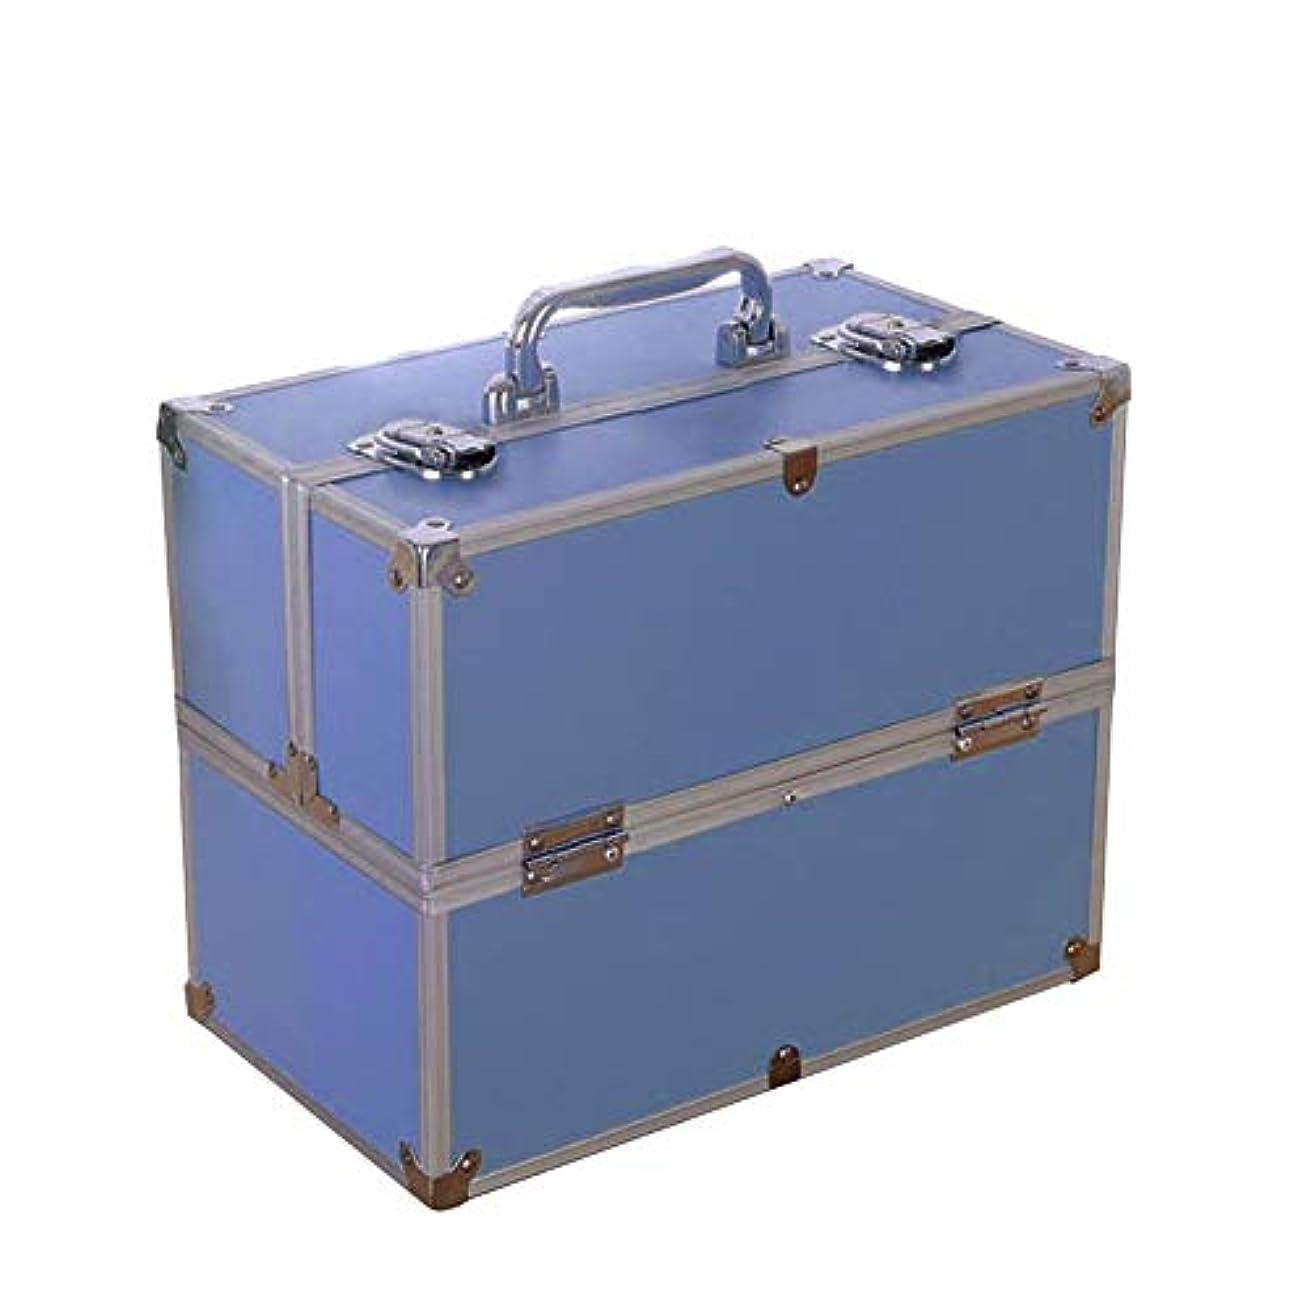 受け入れたエクスタシーピアニストMCTECH トレンチケース メイクボックス コスメボックス プロ仕様 オシャレ 軽量 ハードシェル アルミフレーム カギ付き 多種機能 大容量収納 ブルー